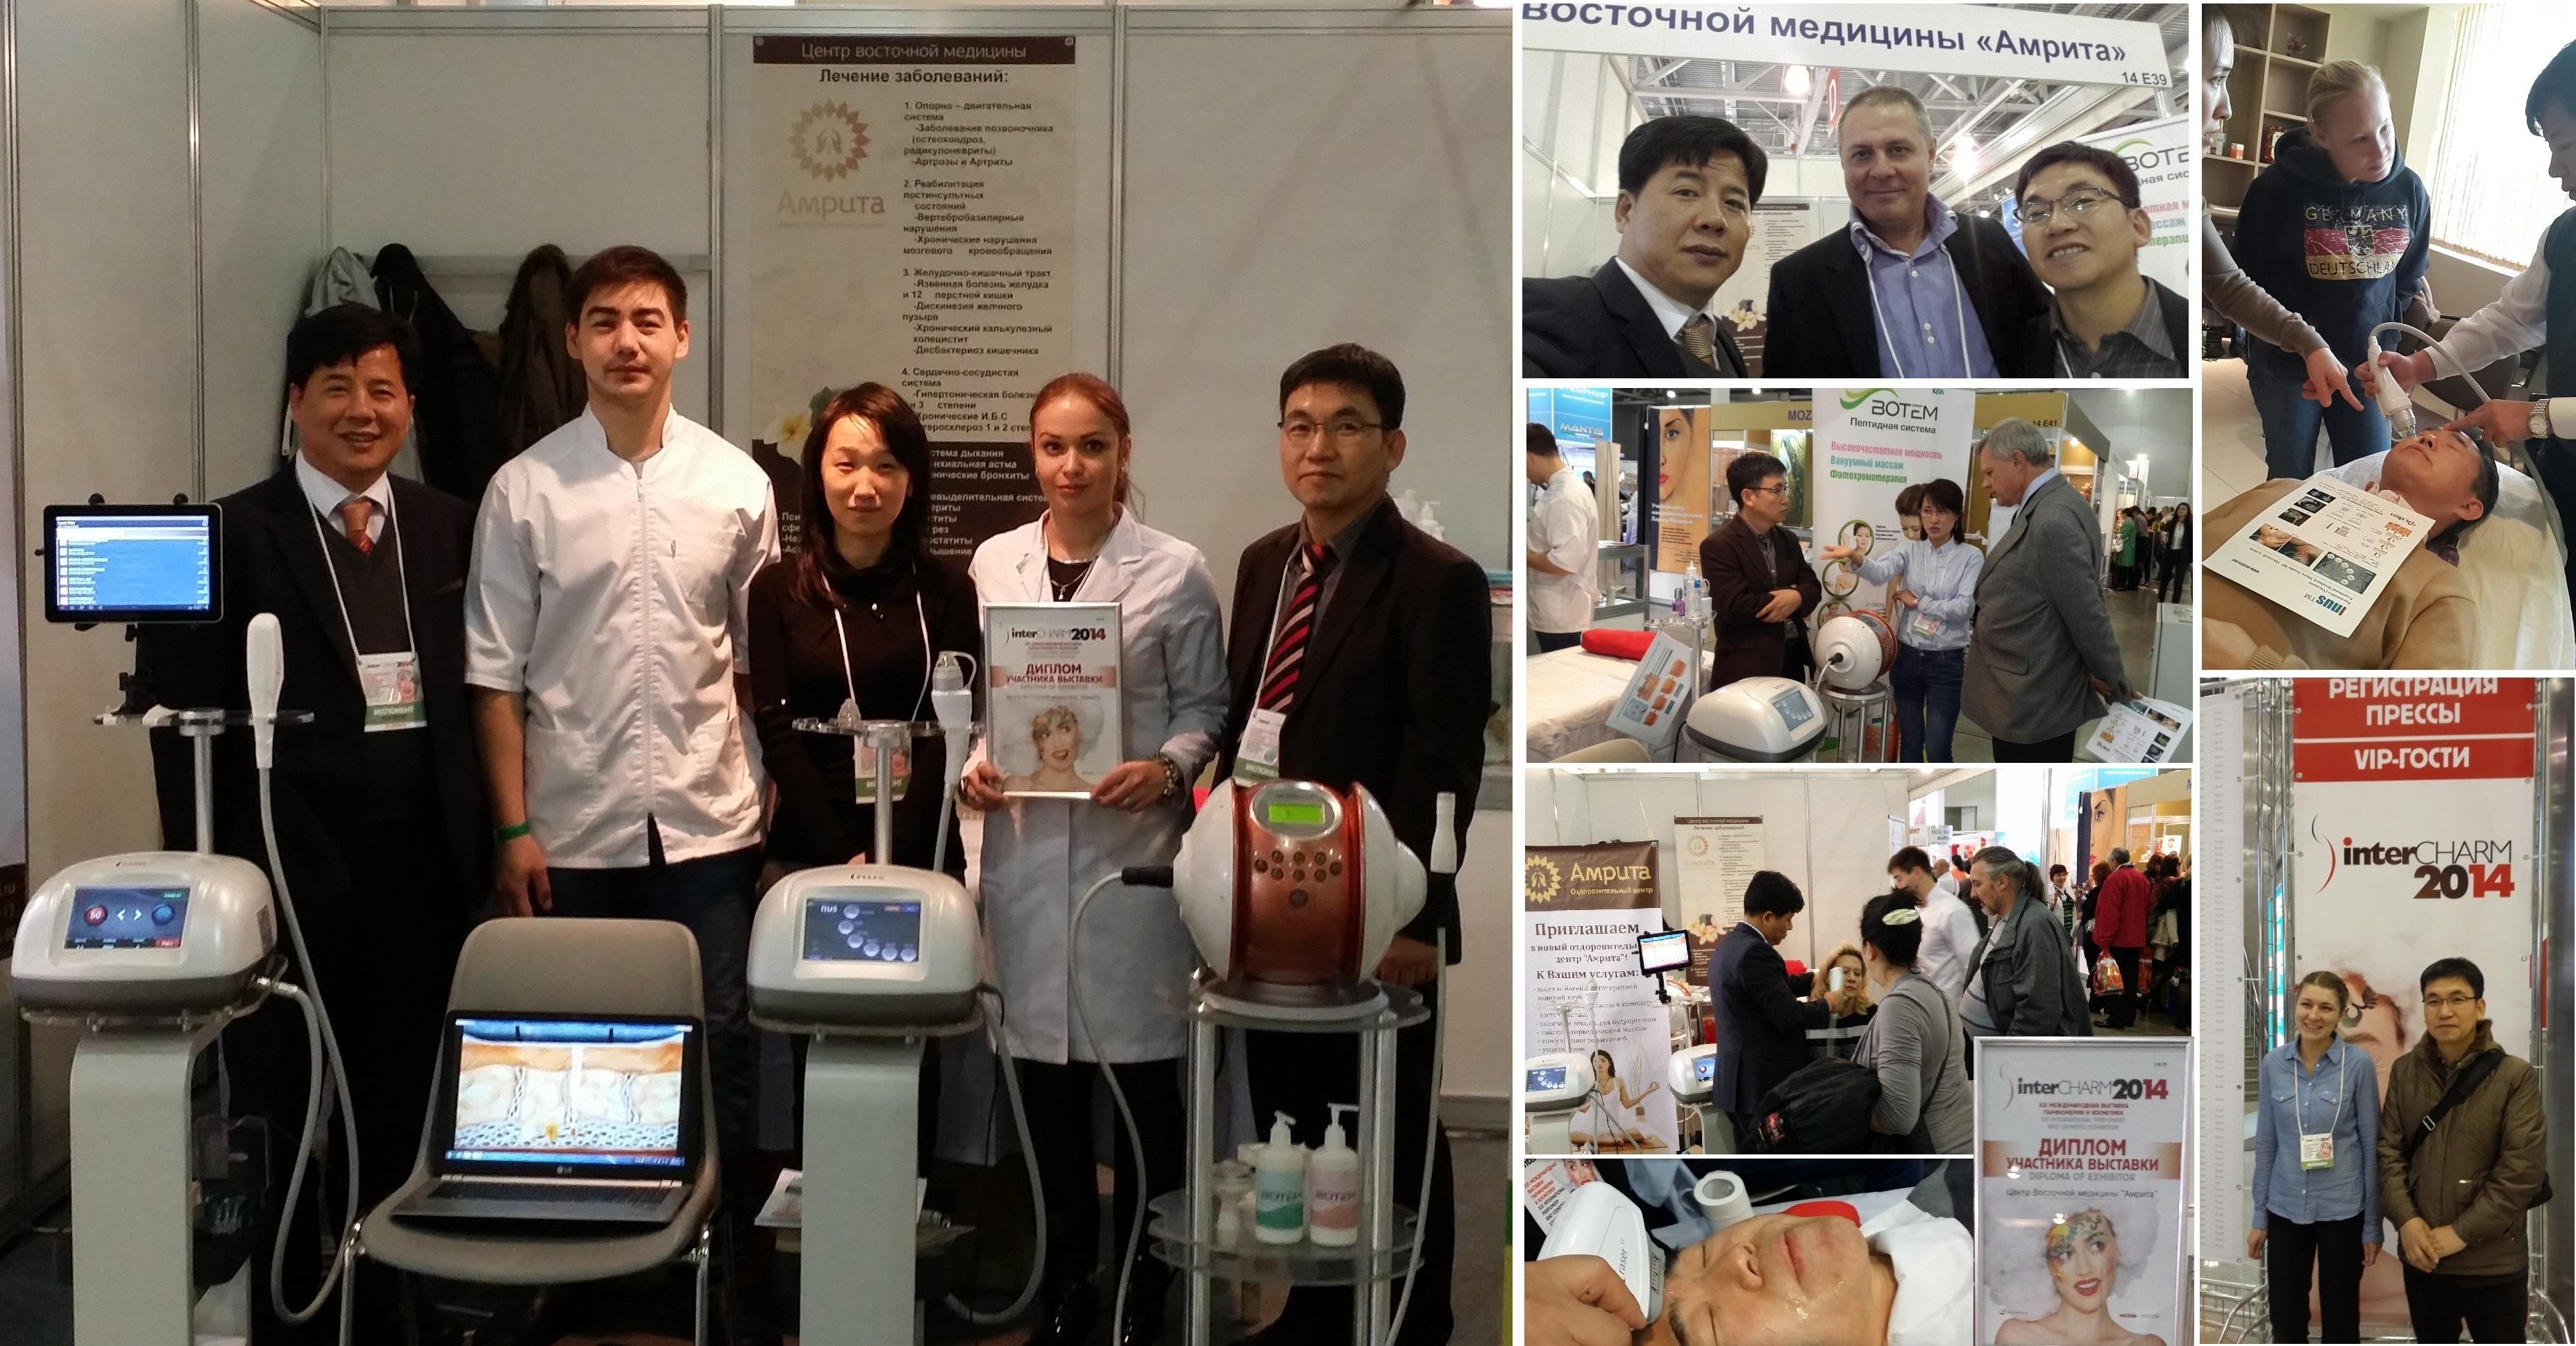 Доктора центра АМРИТА приняли участие в выставке; 'InterCharm 2014.